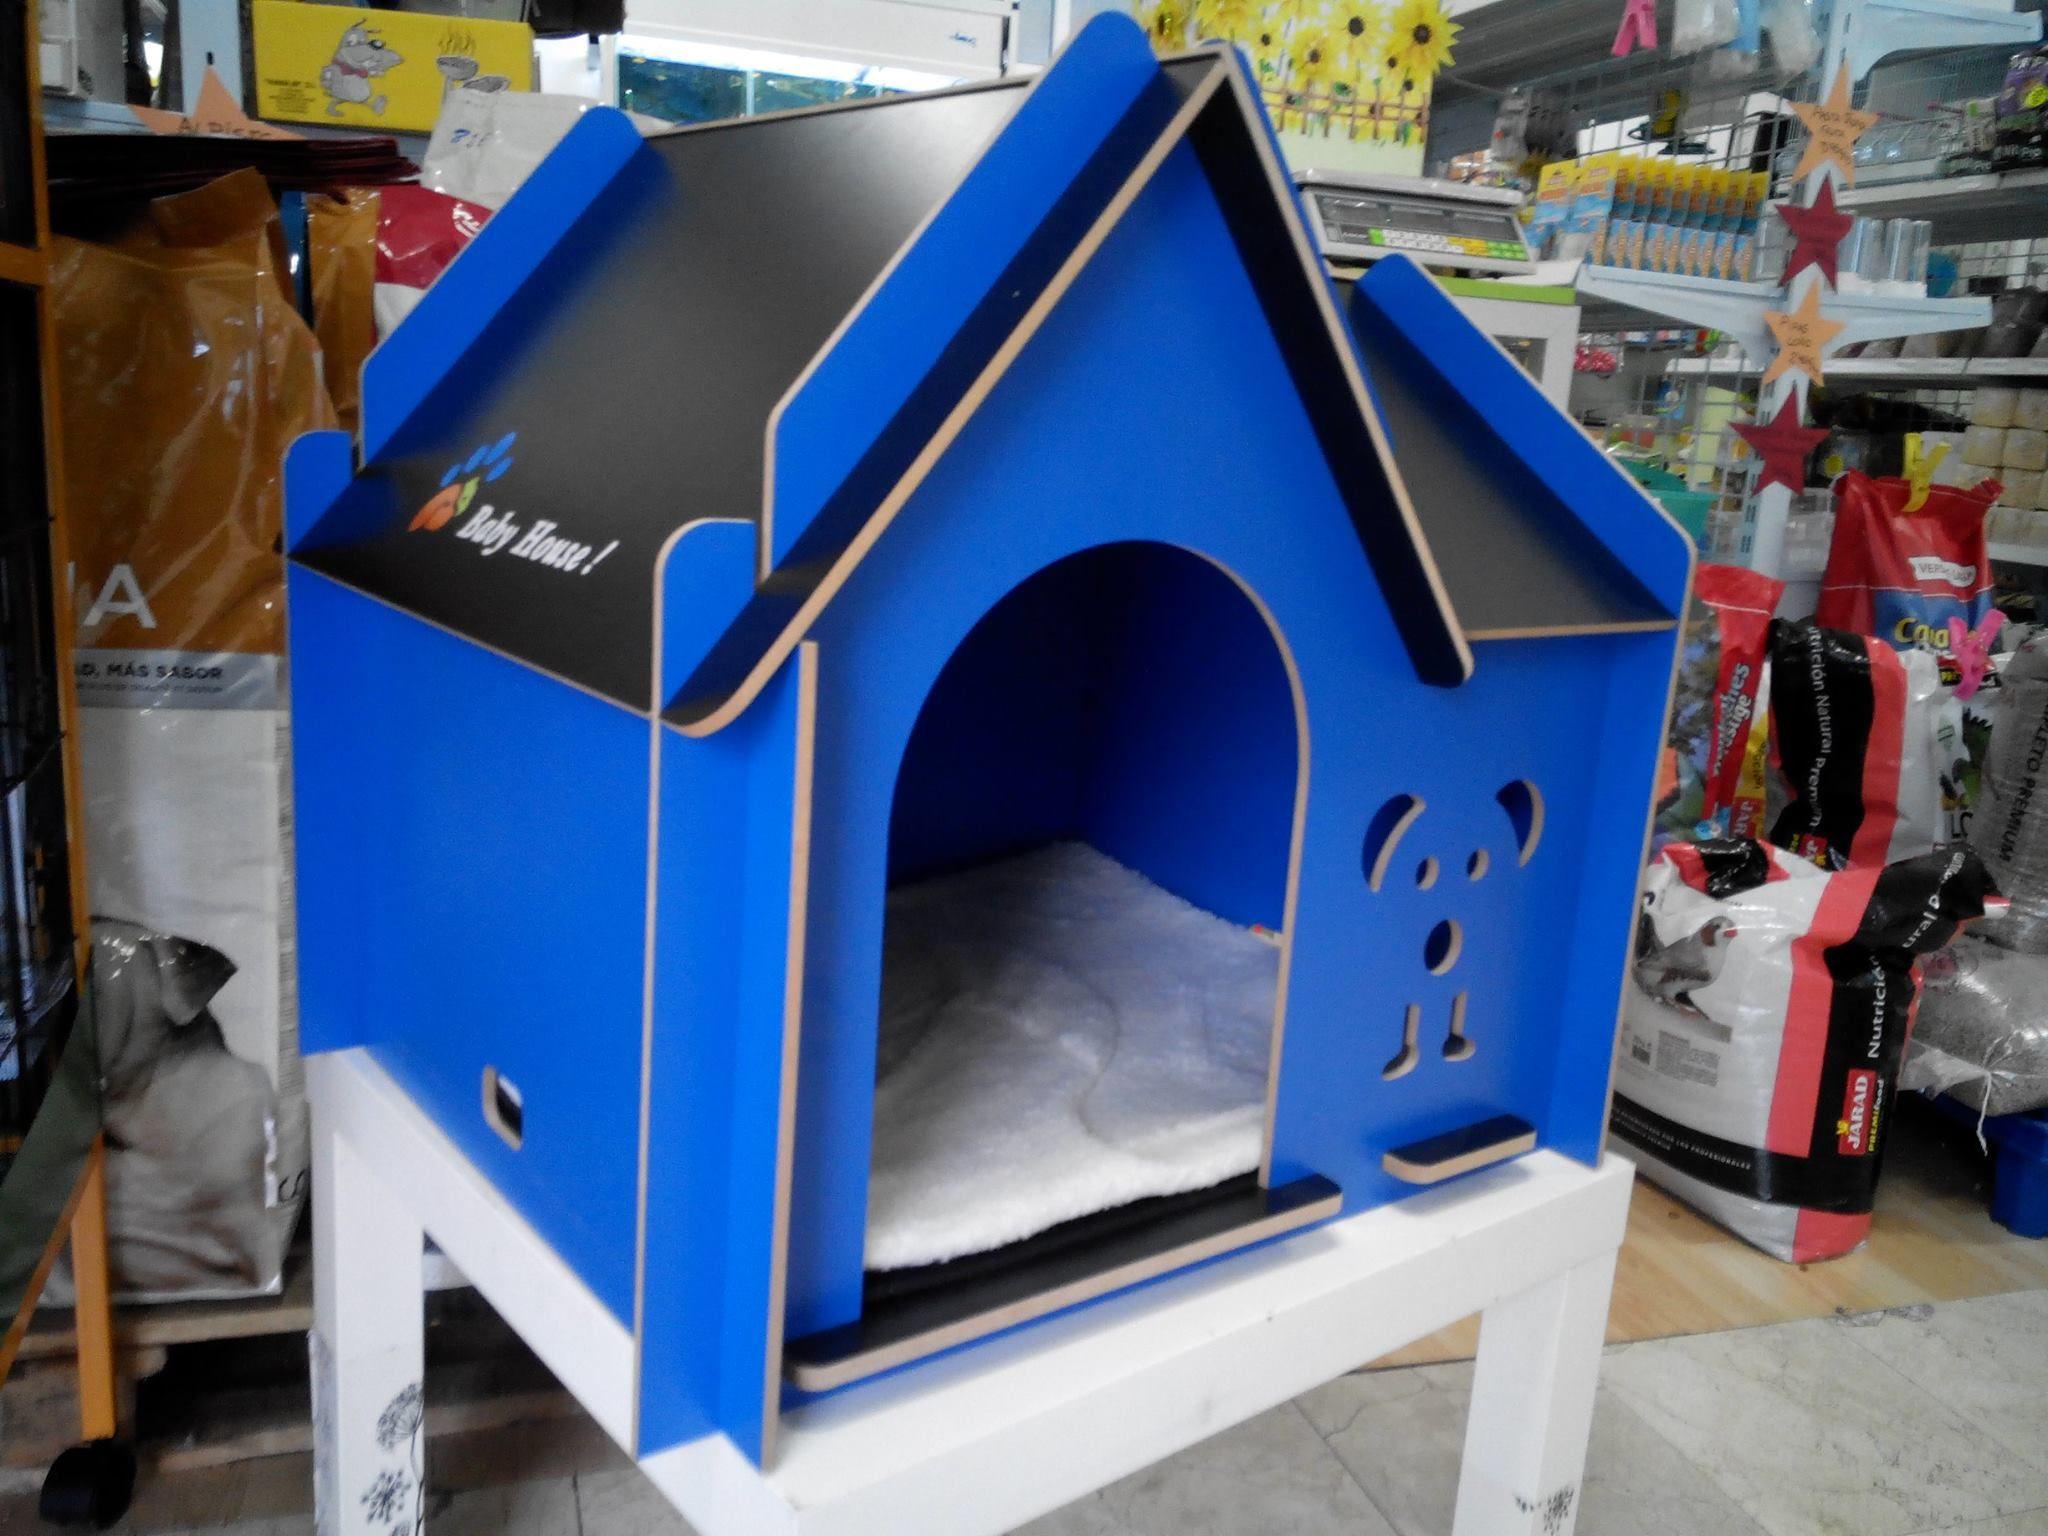 Complementos y accesorios para mascotas en Teror, Las Palmas: Servicios de Mascotas y Cultivos